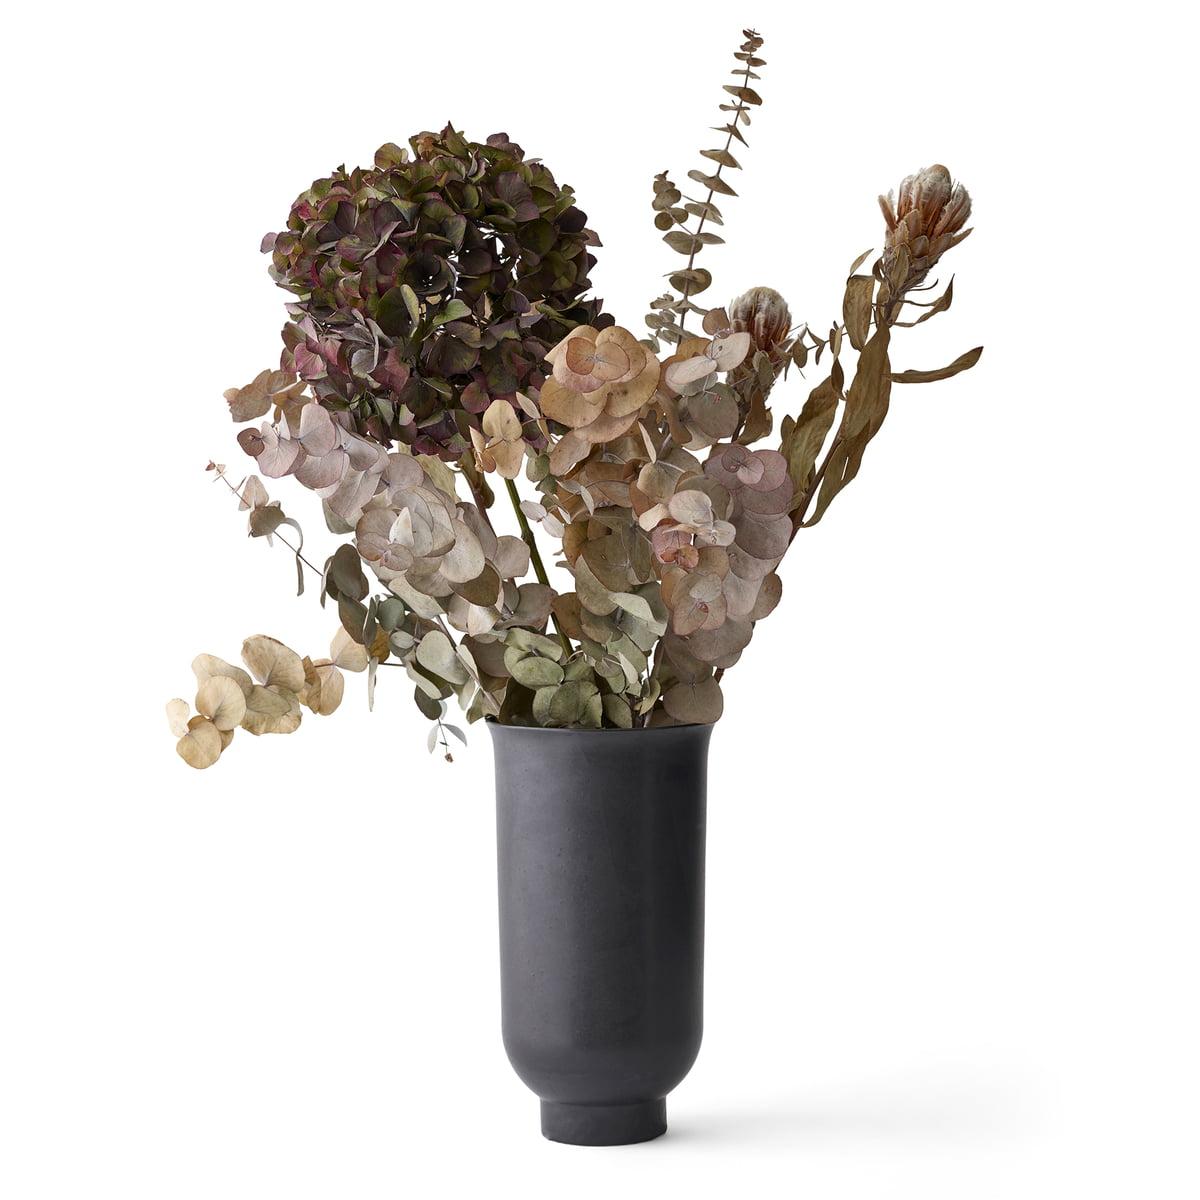 Beliebt Bevorzugt Cyclades Vase by Menu | Connox #IK_62